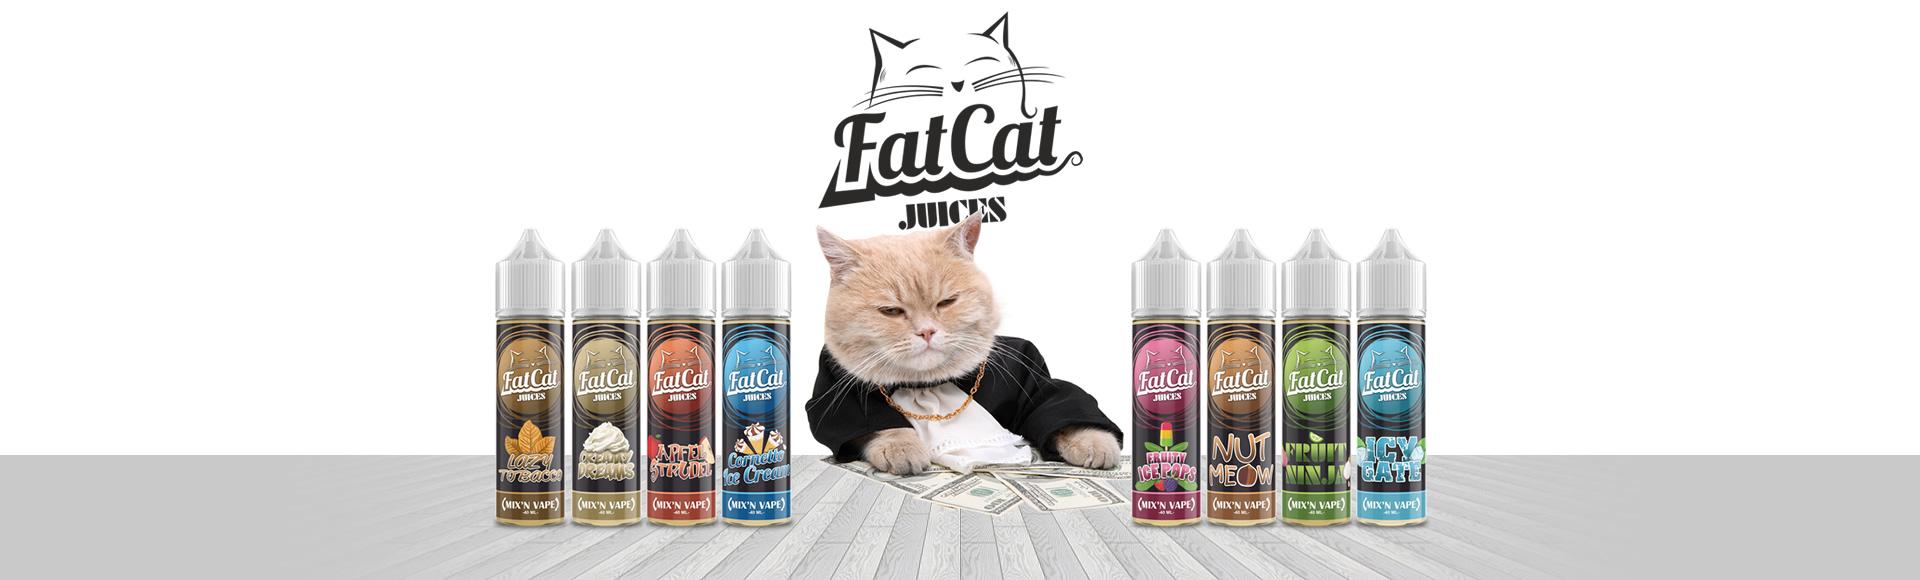 FATCAT Juices